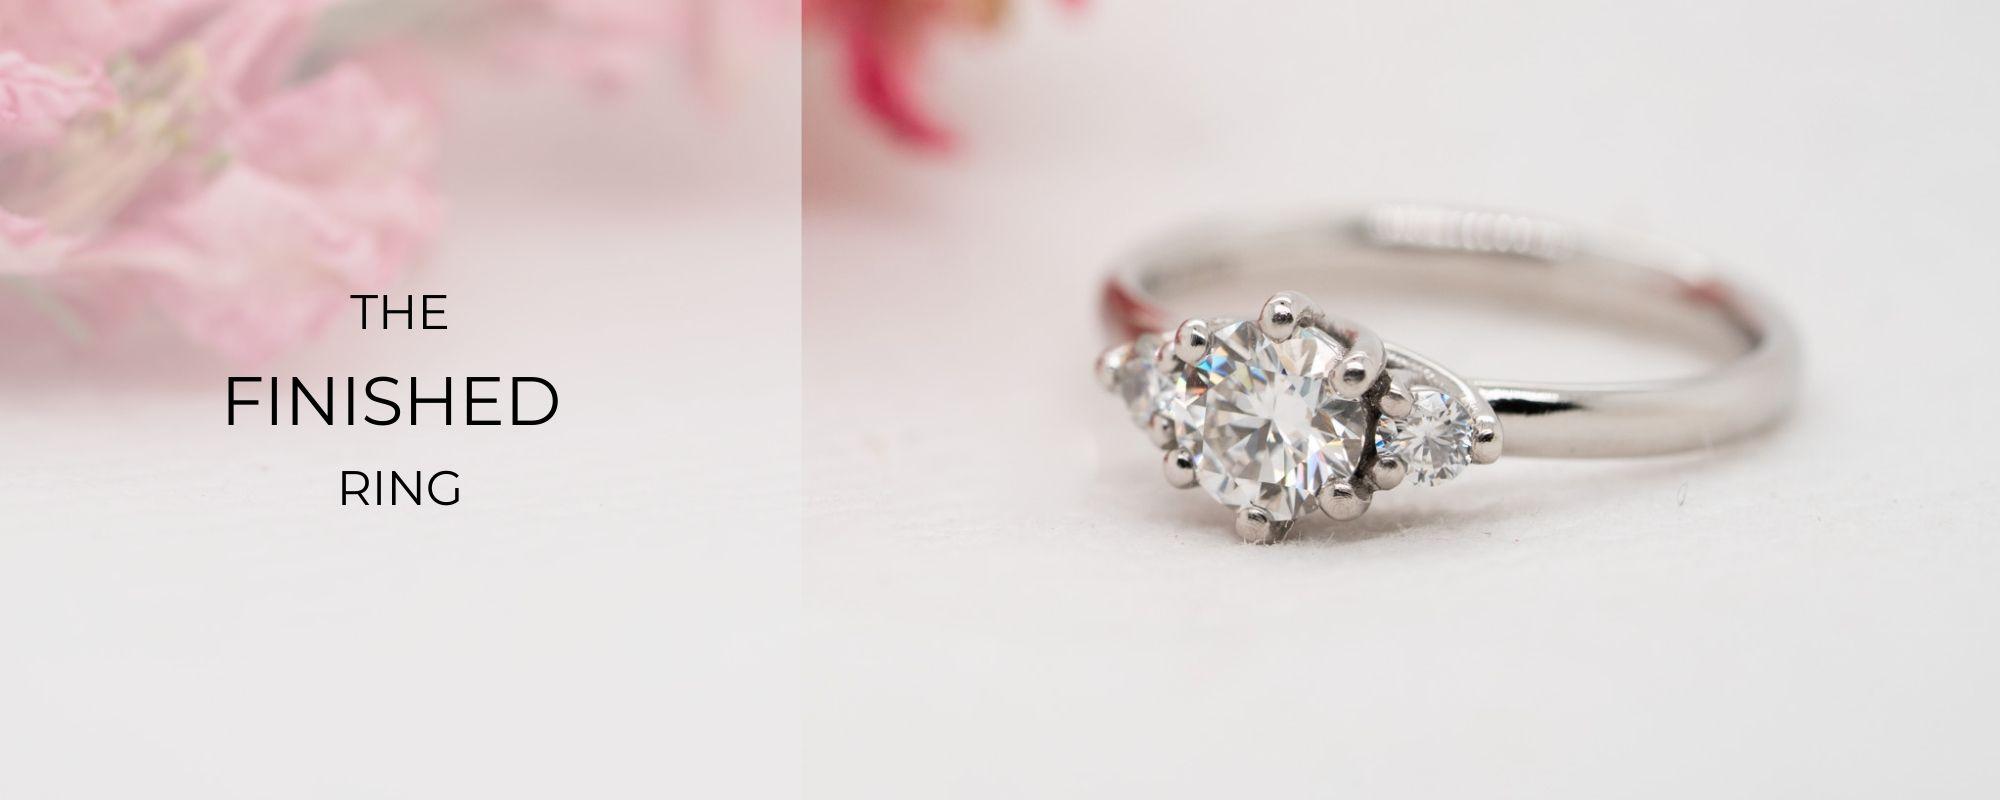 Finished Bespoke Engagement Ring